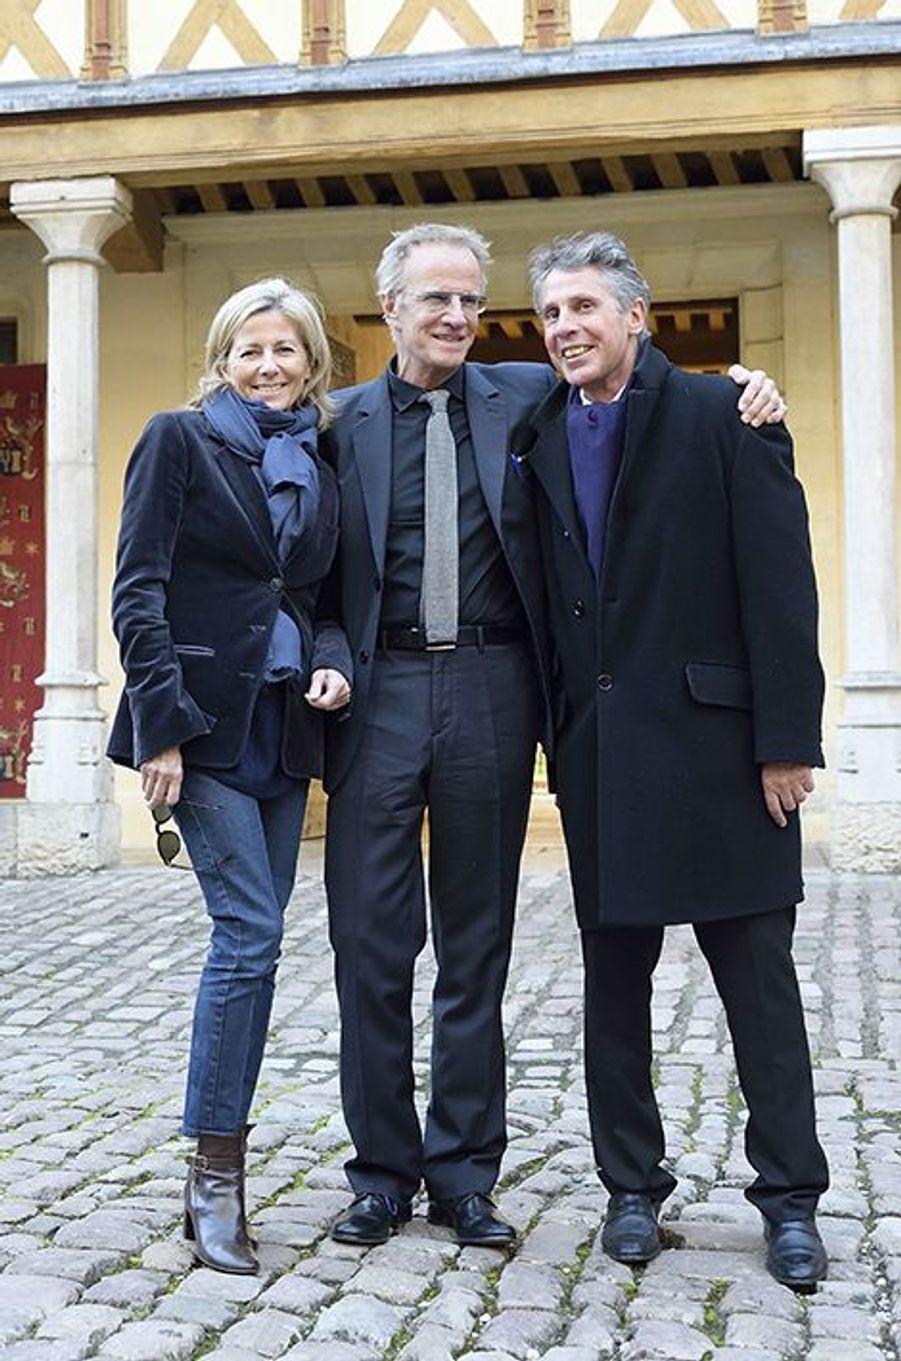 Claire Chazal et Christophe Lambert entourés du maire de Beaune, Alain Suguenot, le 15 novembre 2015